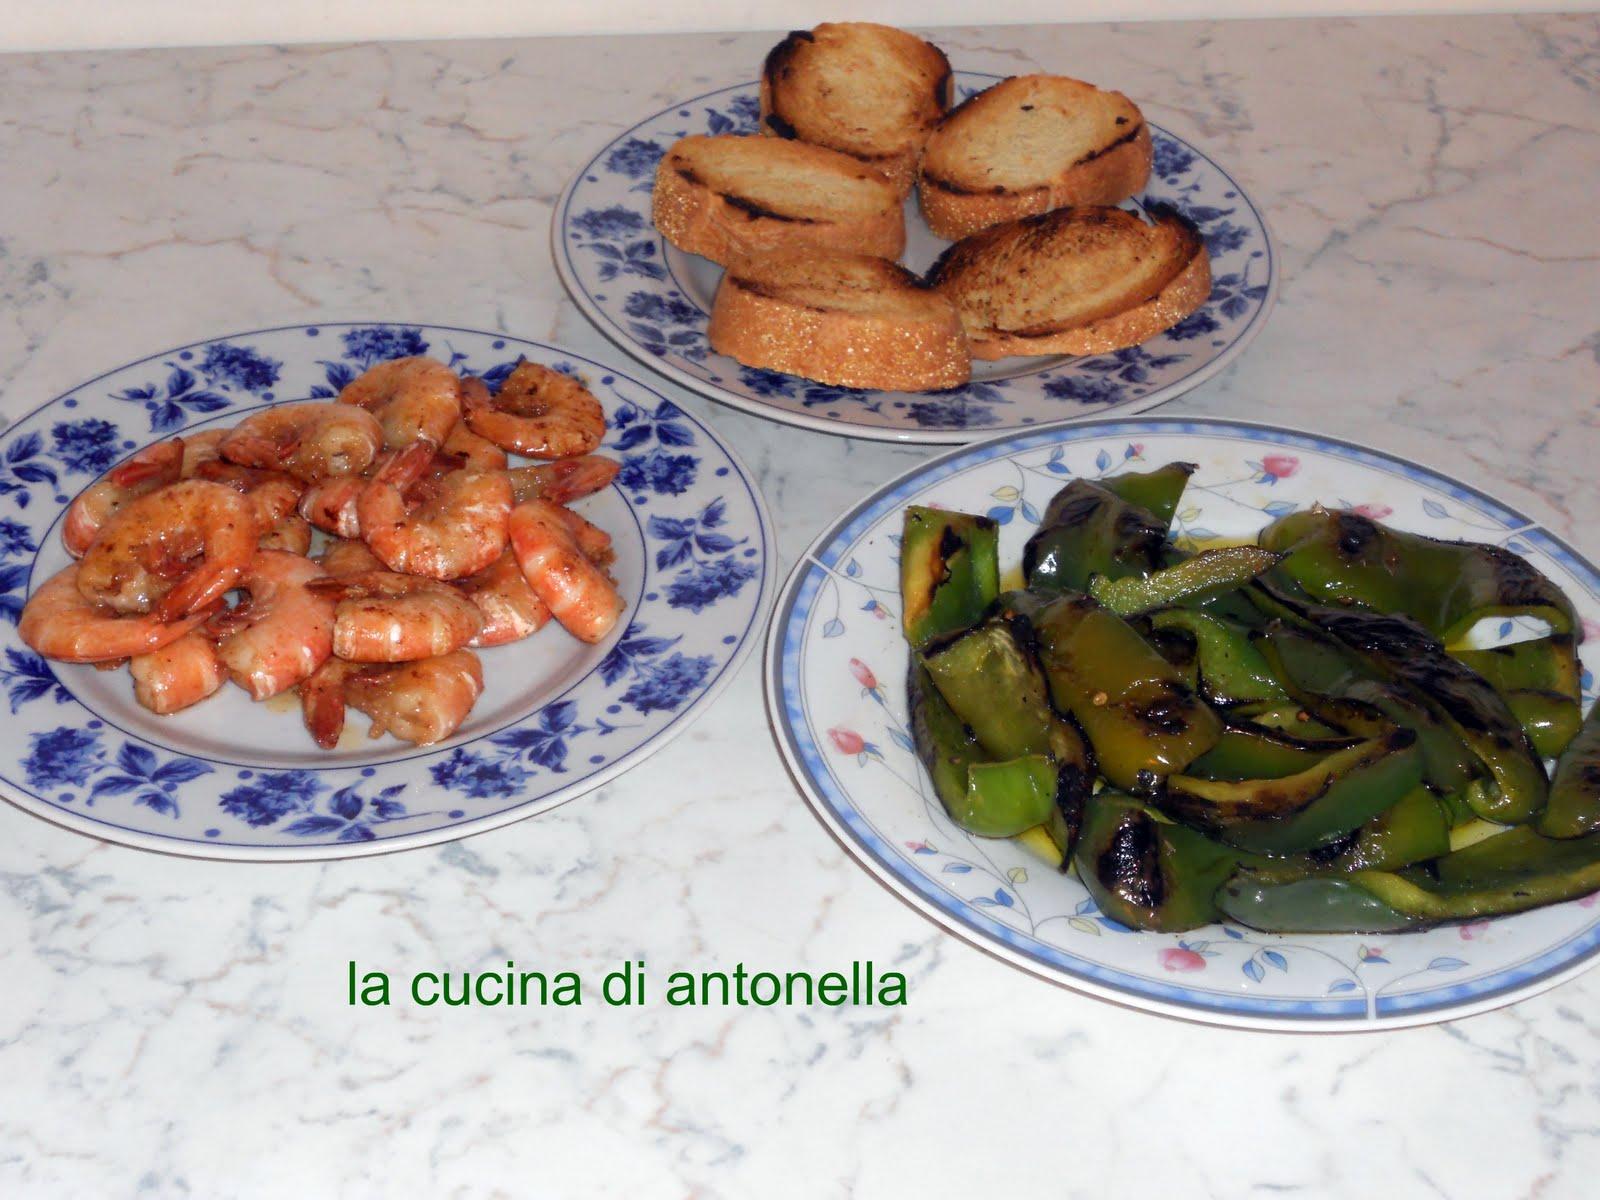 La cucina di antonella gazpacho per accompagnare i gamberoni - La cucina di antonella ...